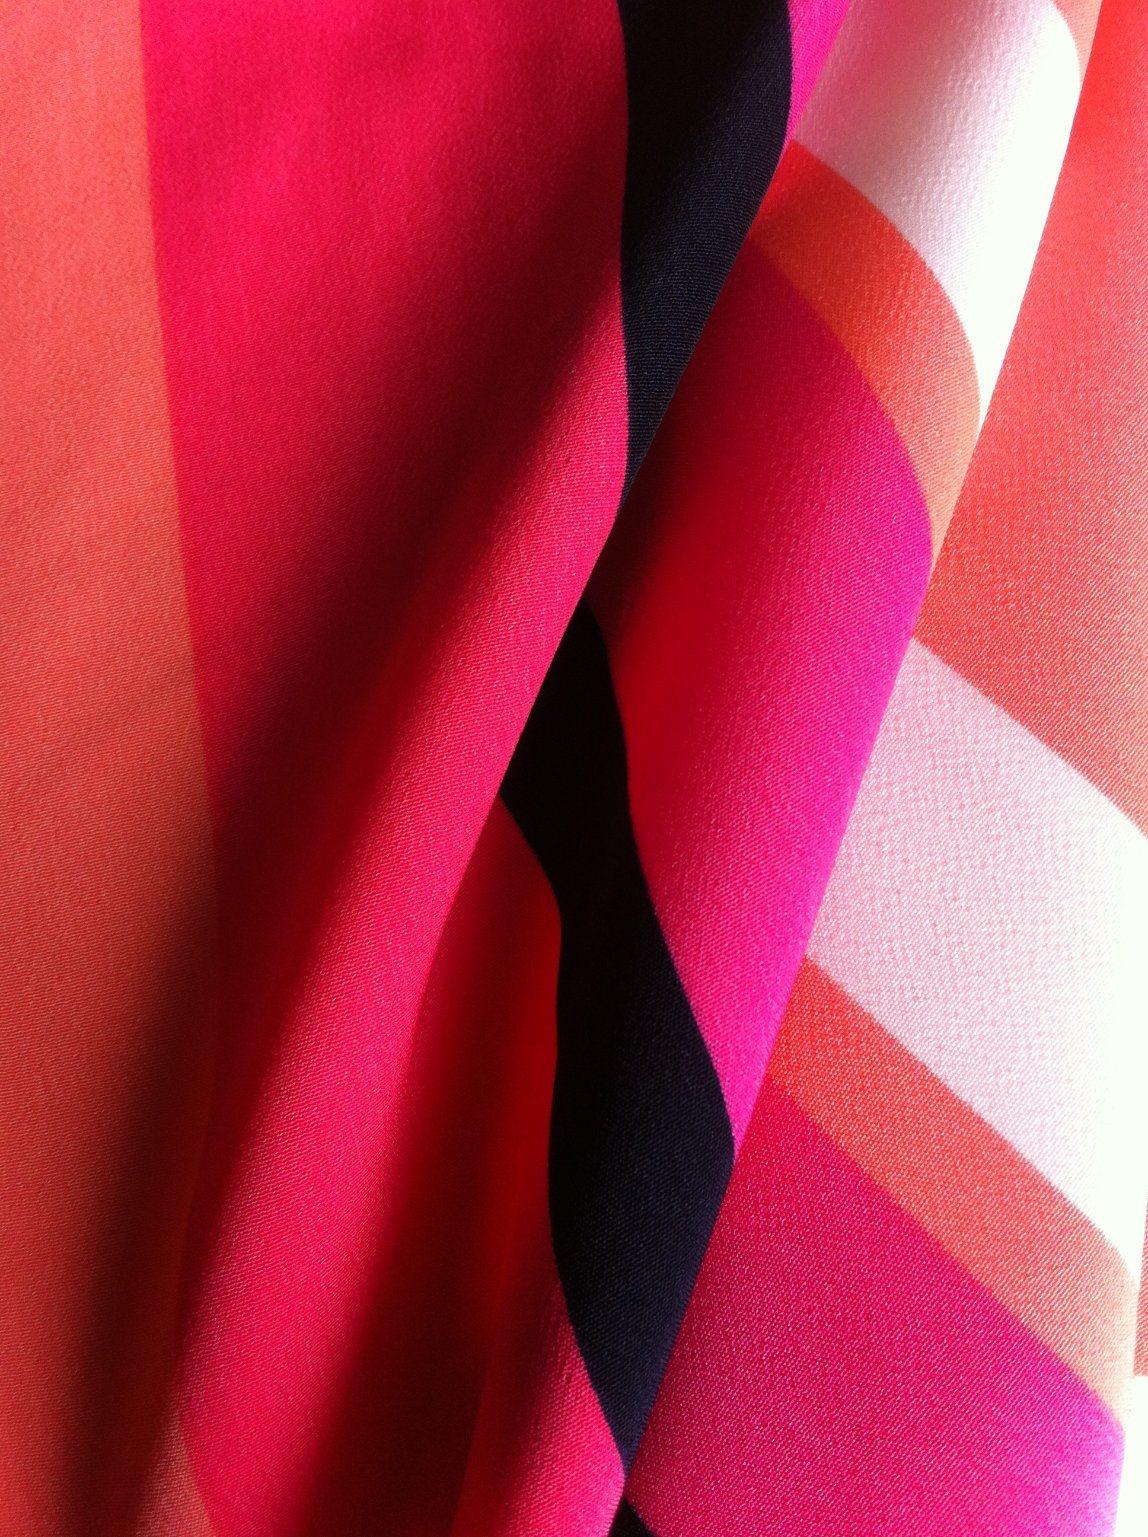 2017 China Wholesale Chiffon Dobby Fabric From China Fashion Printing Fabric